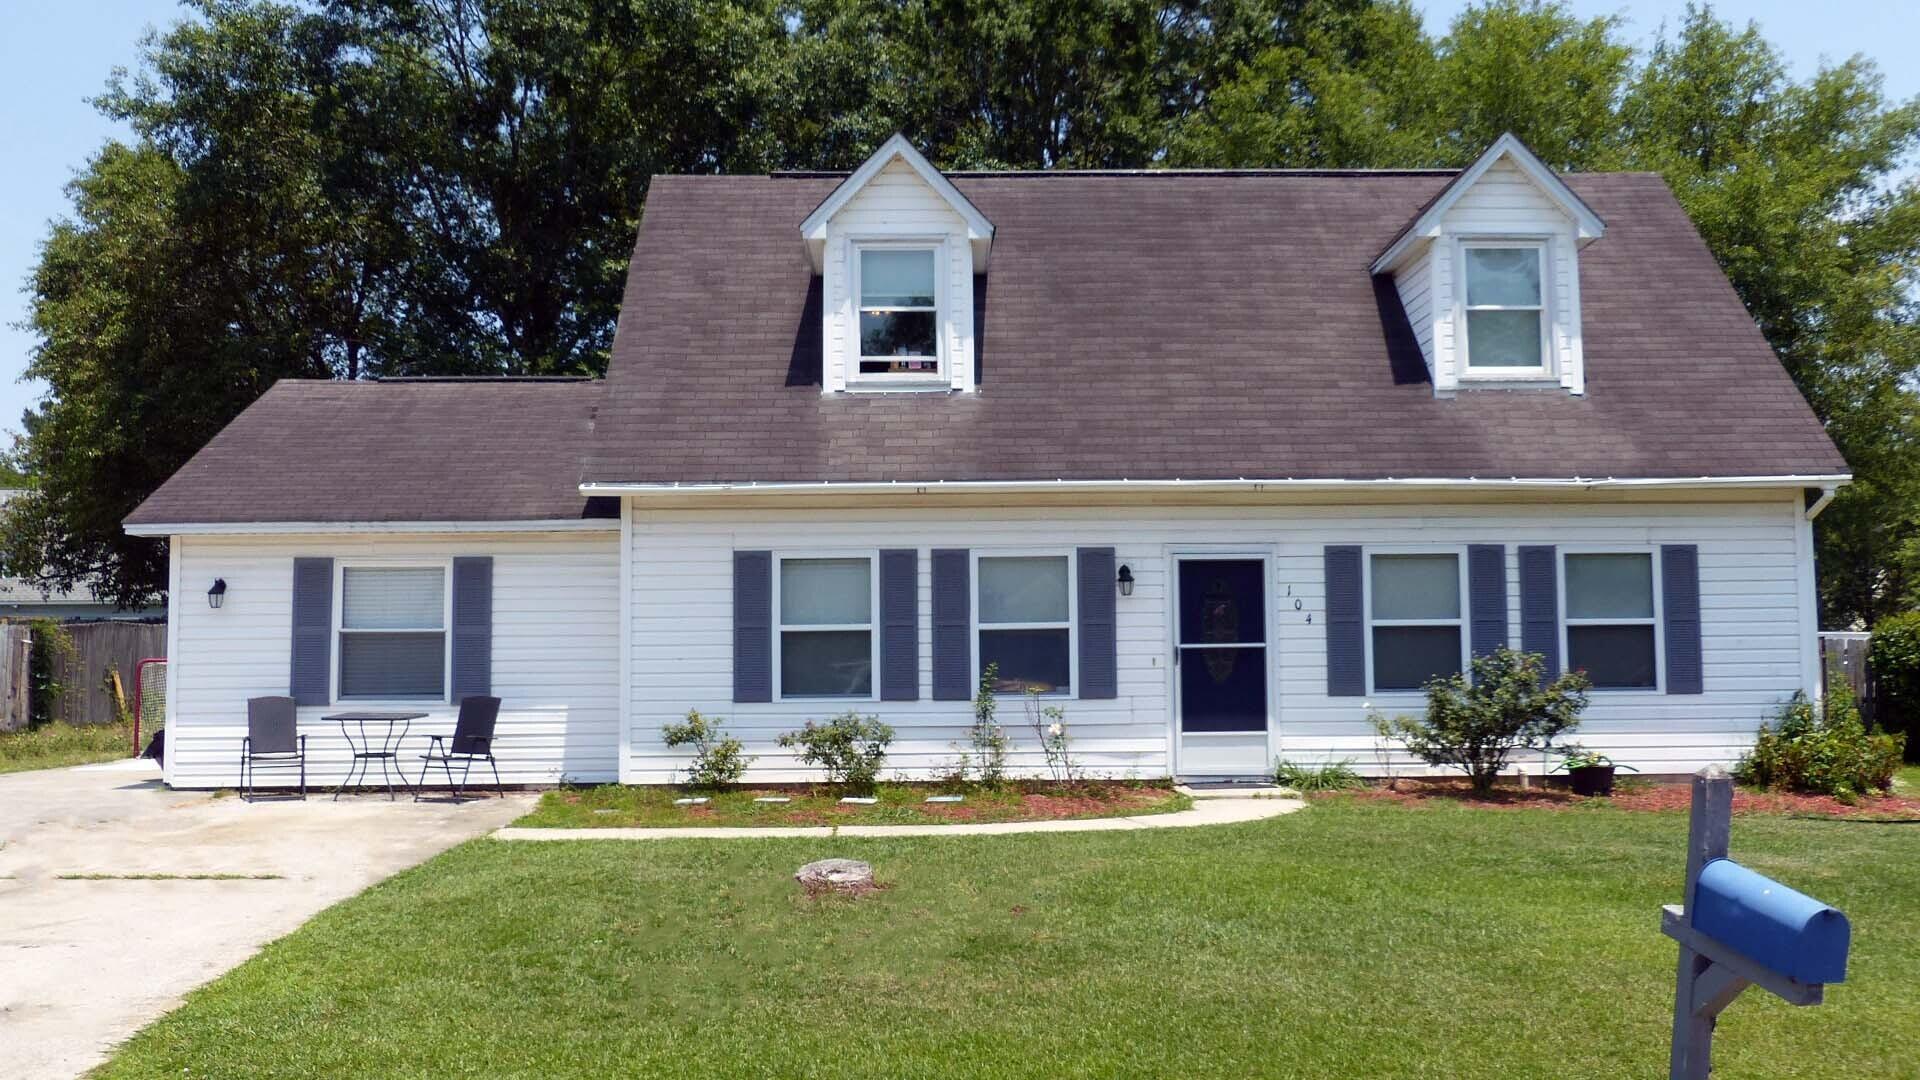 104 Carrie Lane Summerville, Sc 29486